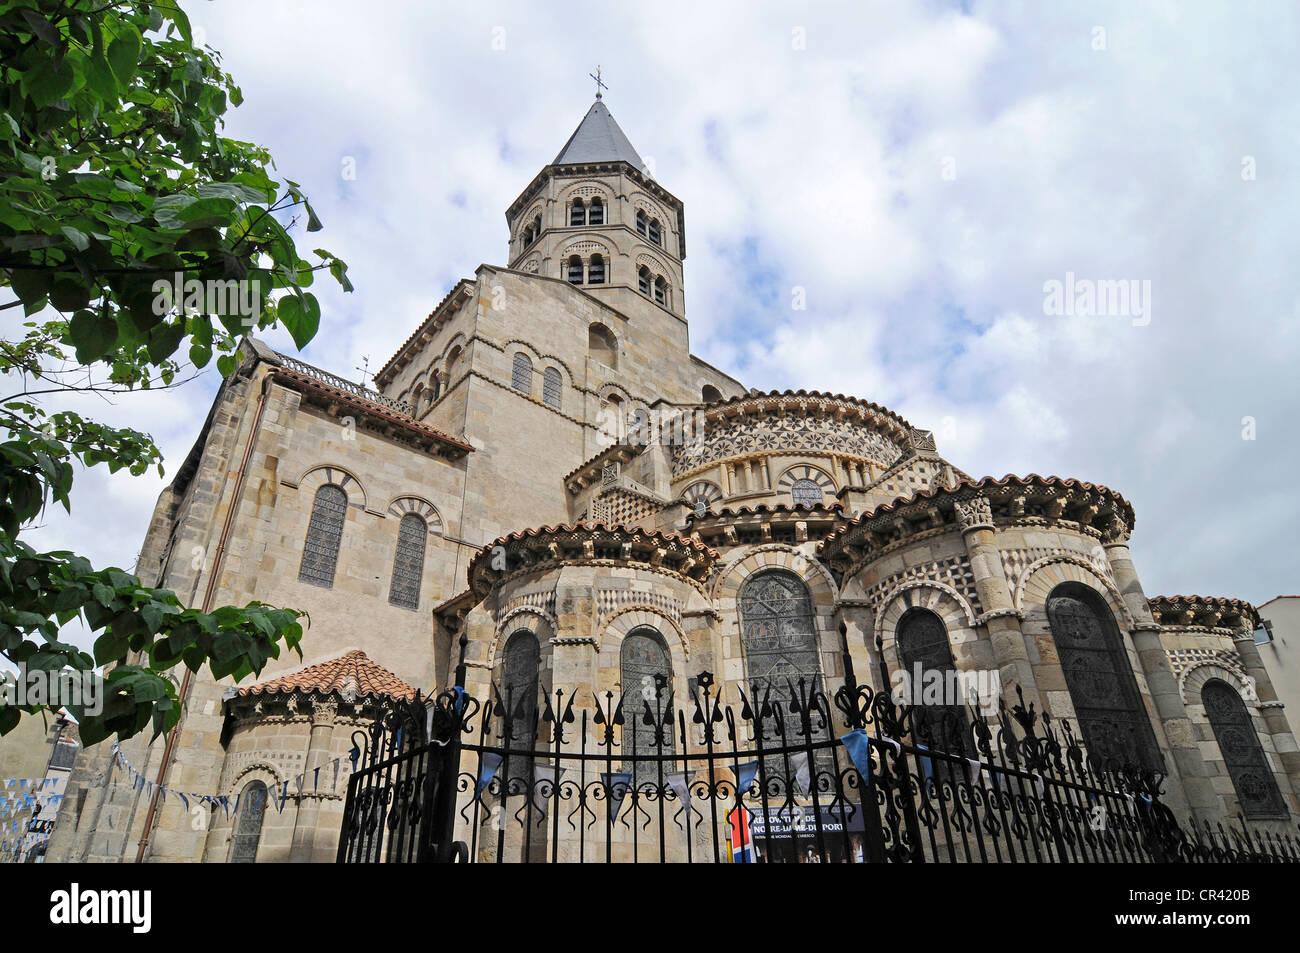 Eglise de Notre Dame du Port, basilica, church, Clermont-Ferrand, Auvergne, France, Europe Stock Photo